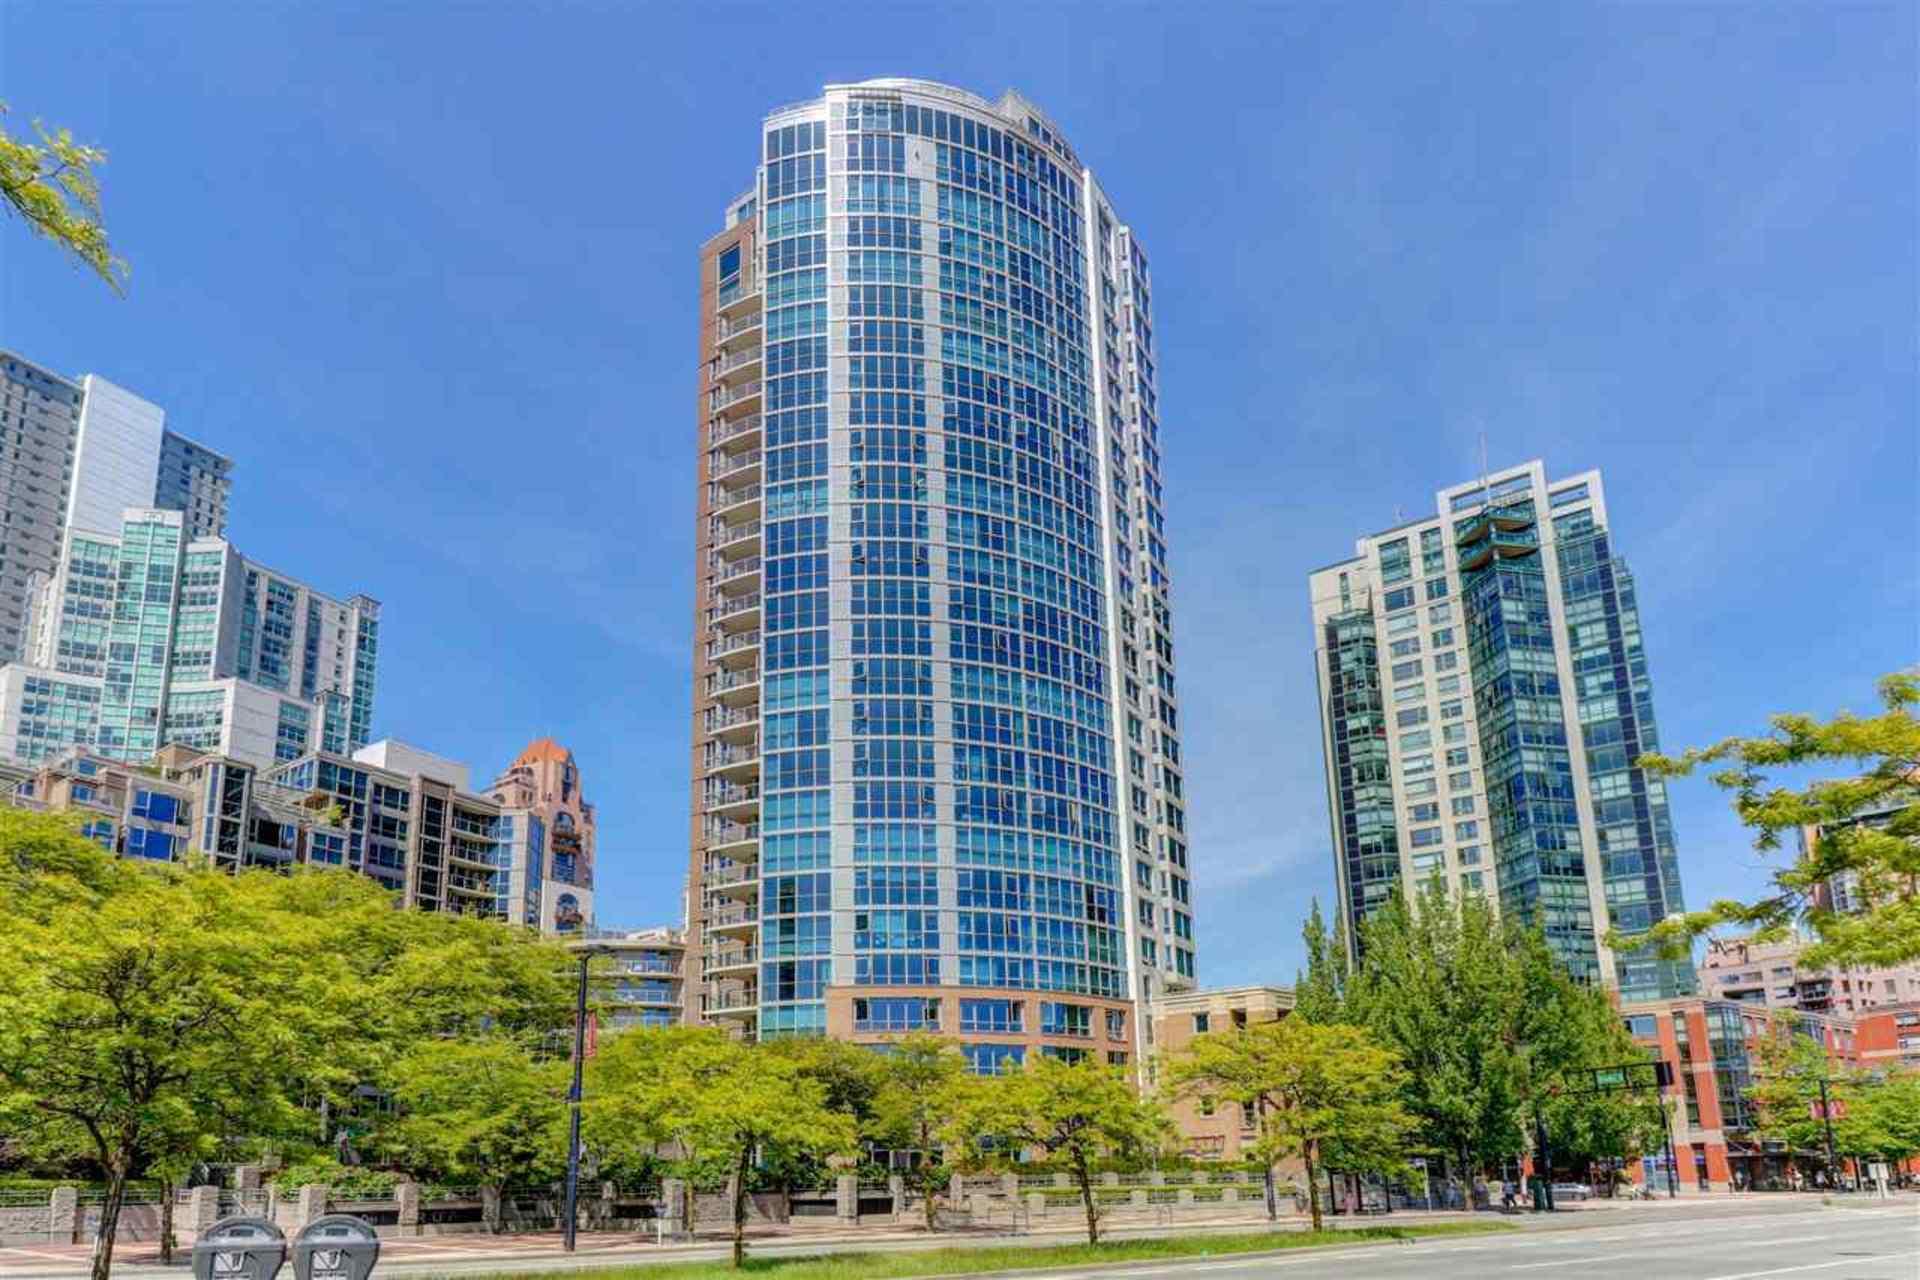 388-drake-street-yaletown-vancouver-west-01 at 103 - 388 Drake Street, Yaletown, Vancouver West